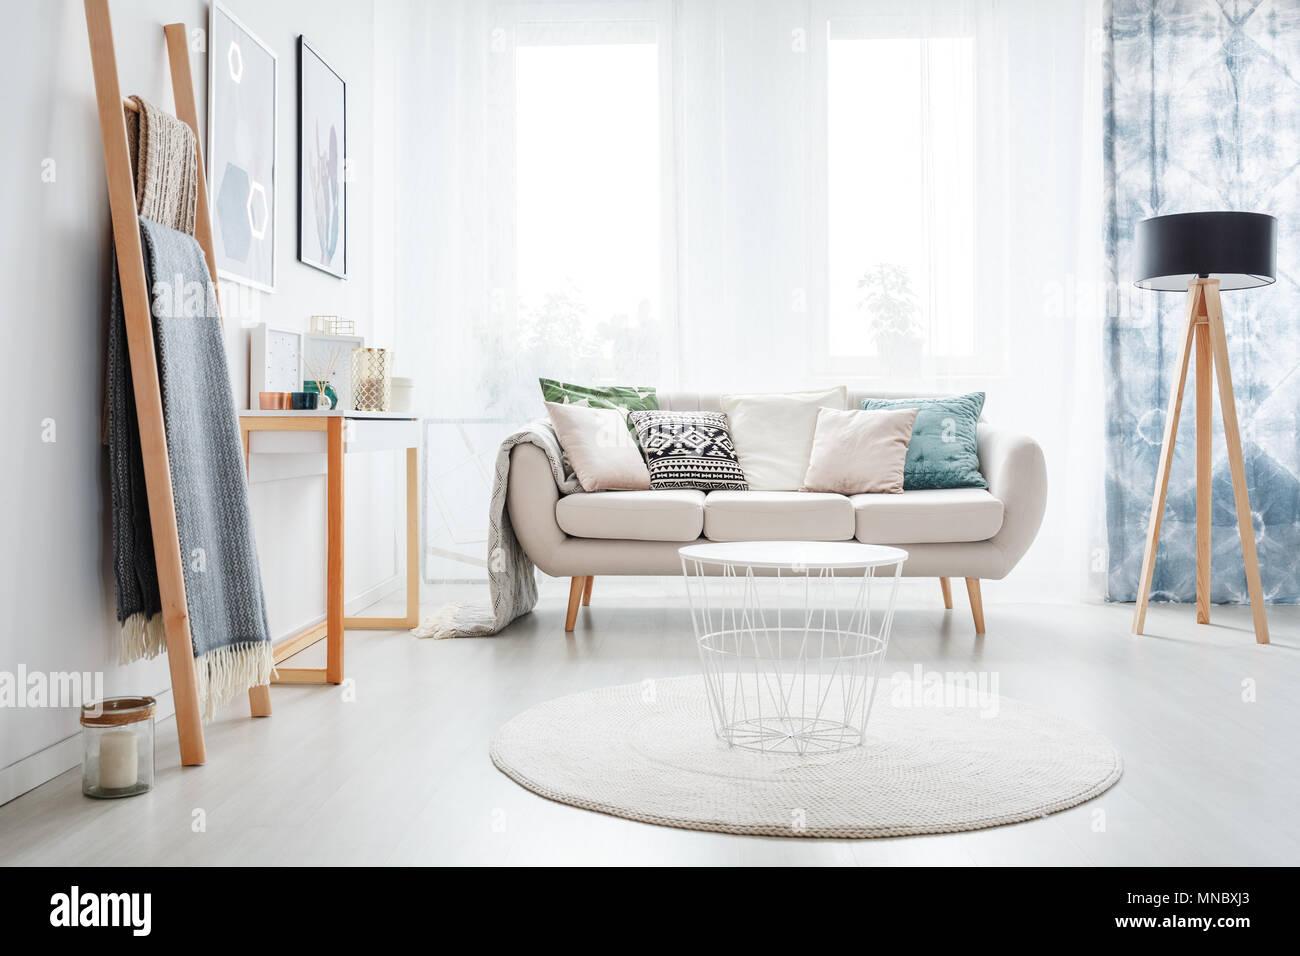 Tappeto salotto tondo tappeto rotondo sotto il divano curvo e